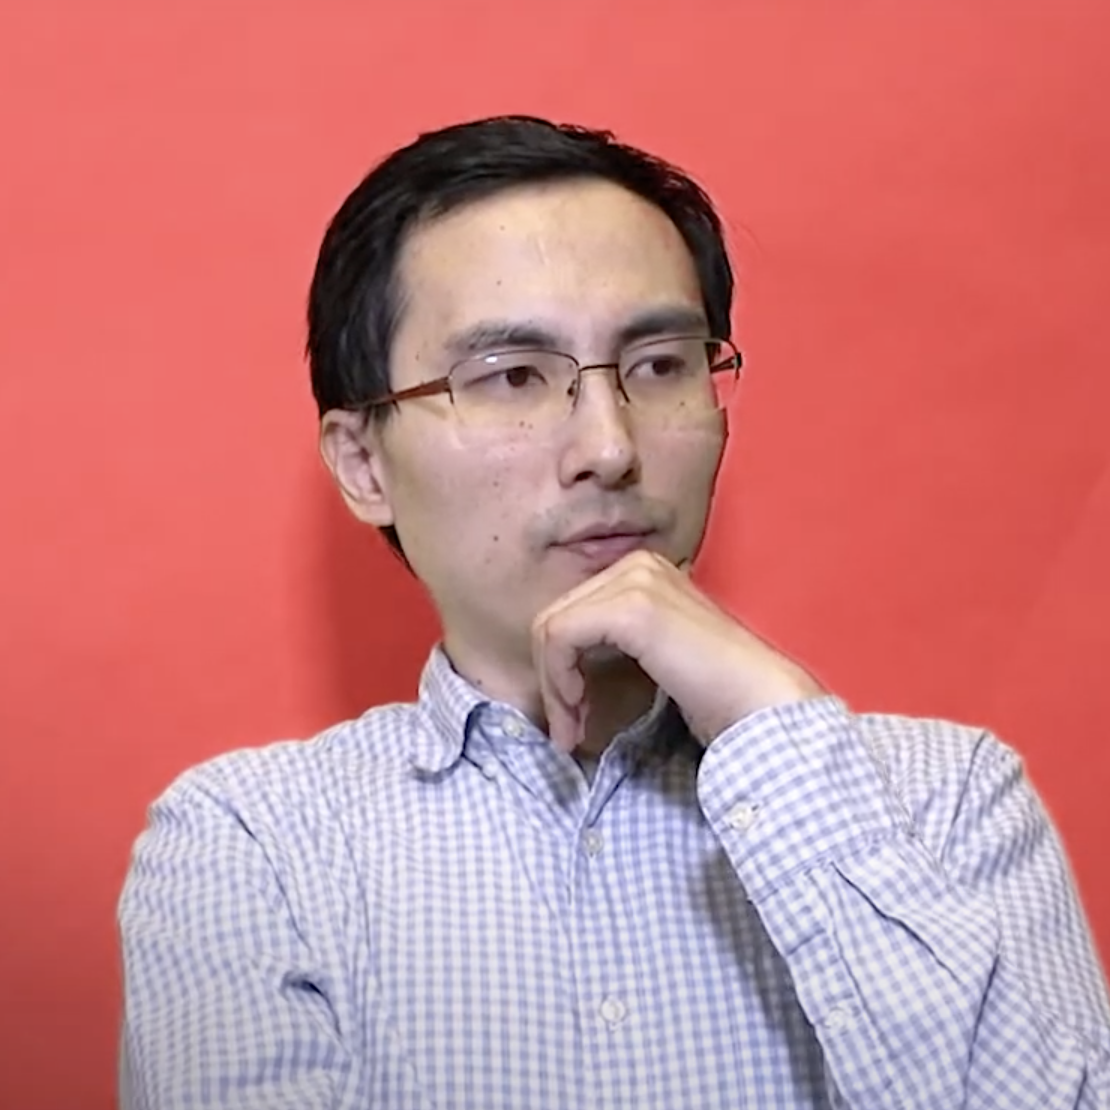 Philip Guo